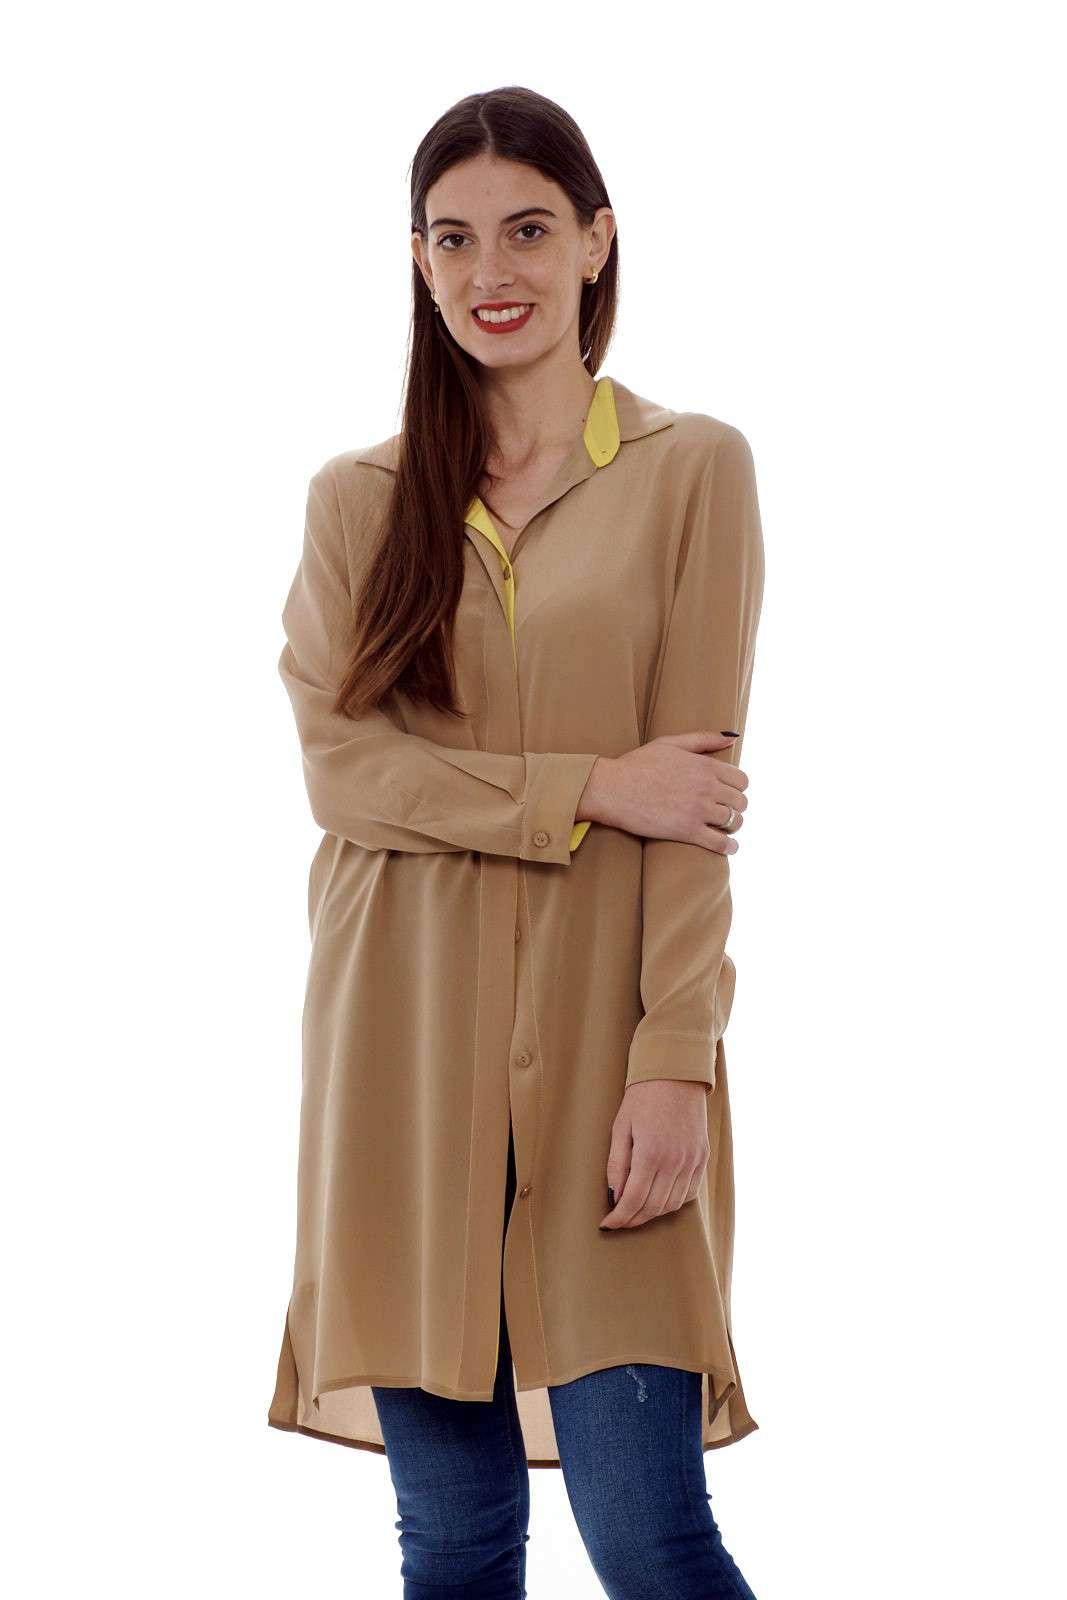 Una camicia lunga in pura seta, dal look chic e informale, perfetta per uno stile fashion e moderno. Abbinata ad un semplice jeans, o pantalone, garantirà un outfit, semplice e versatile per le occasioni di tutti i giorni.  La modella è alta 1.77m e indossa la taglia 42.